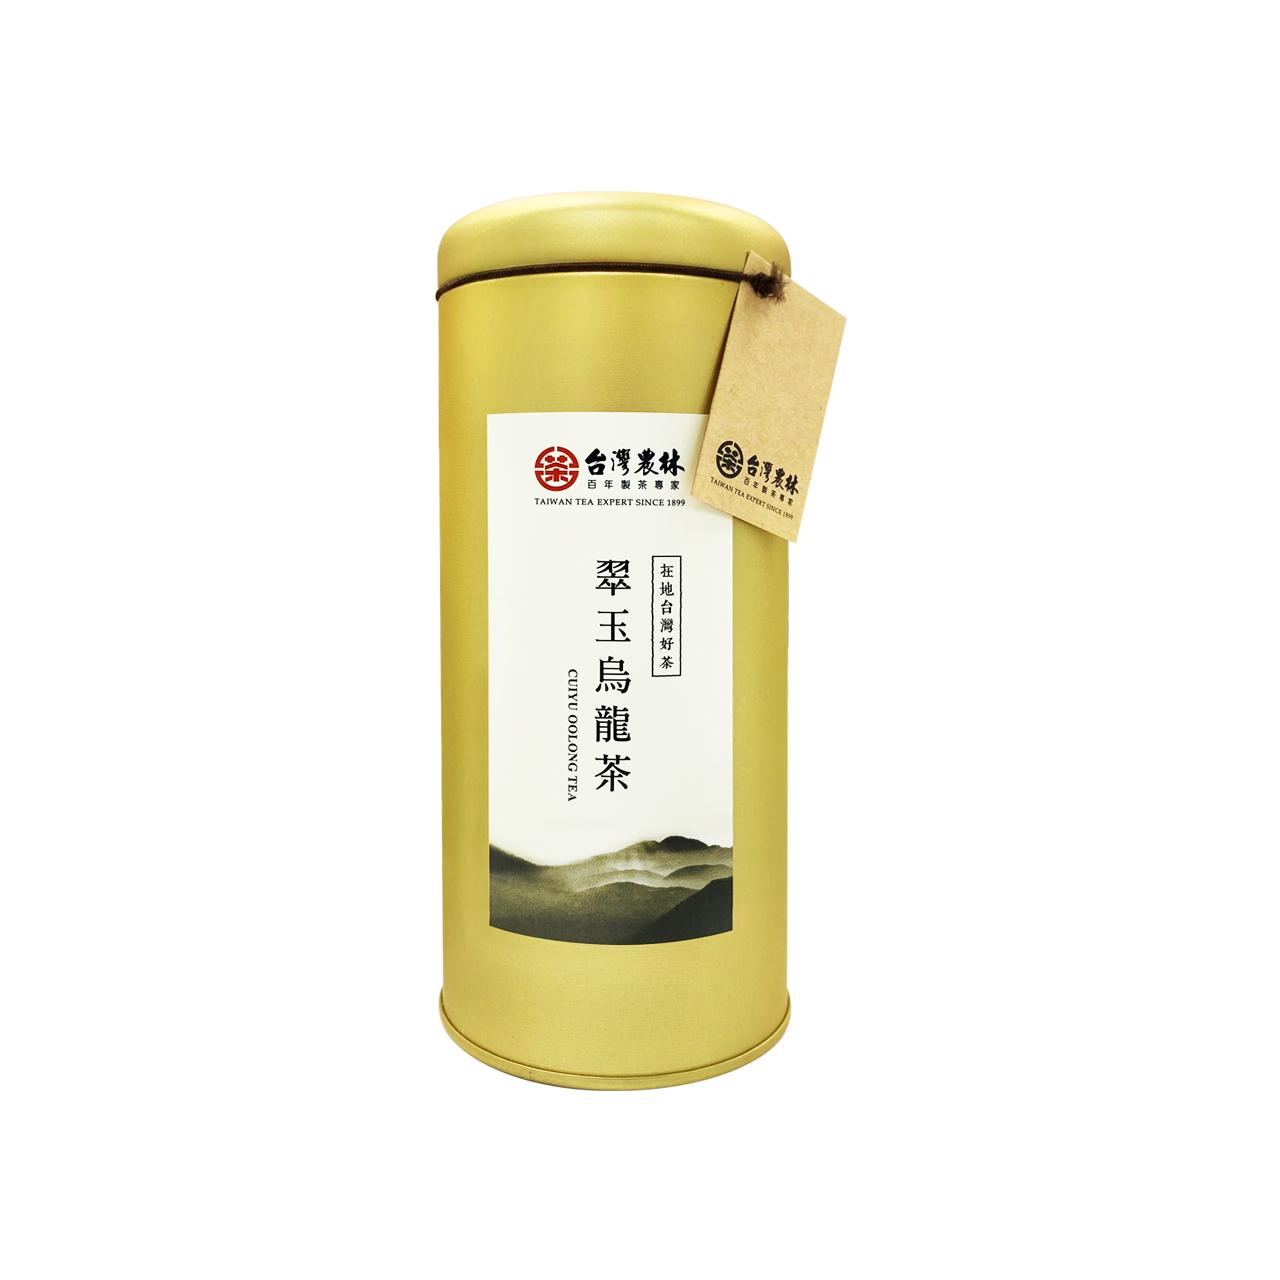 翠玉烏龍茶(保存期限:2021年9月)